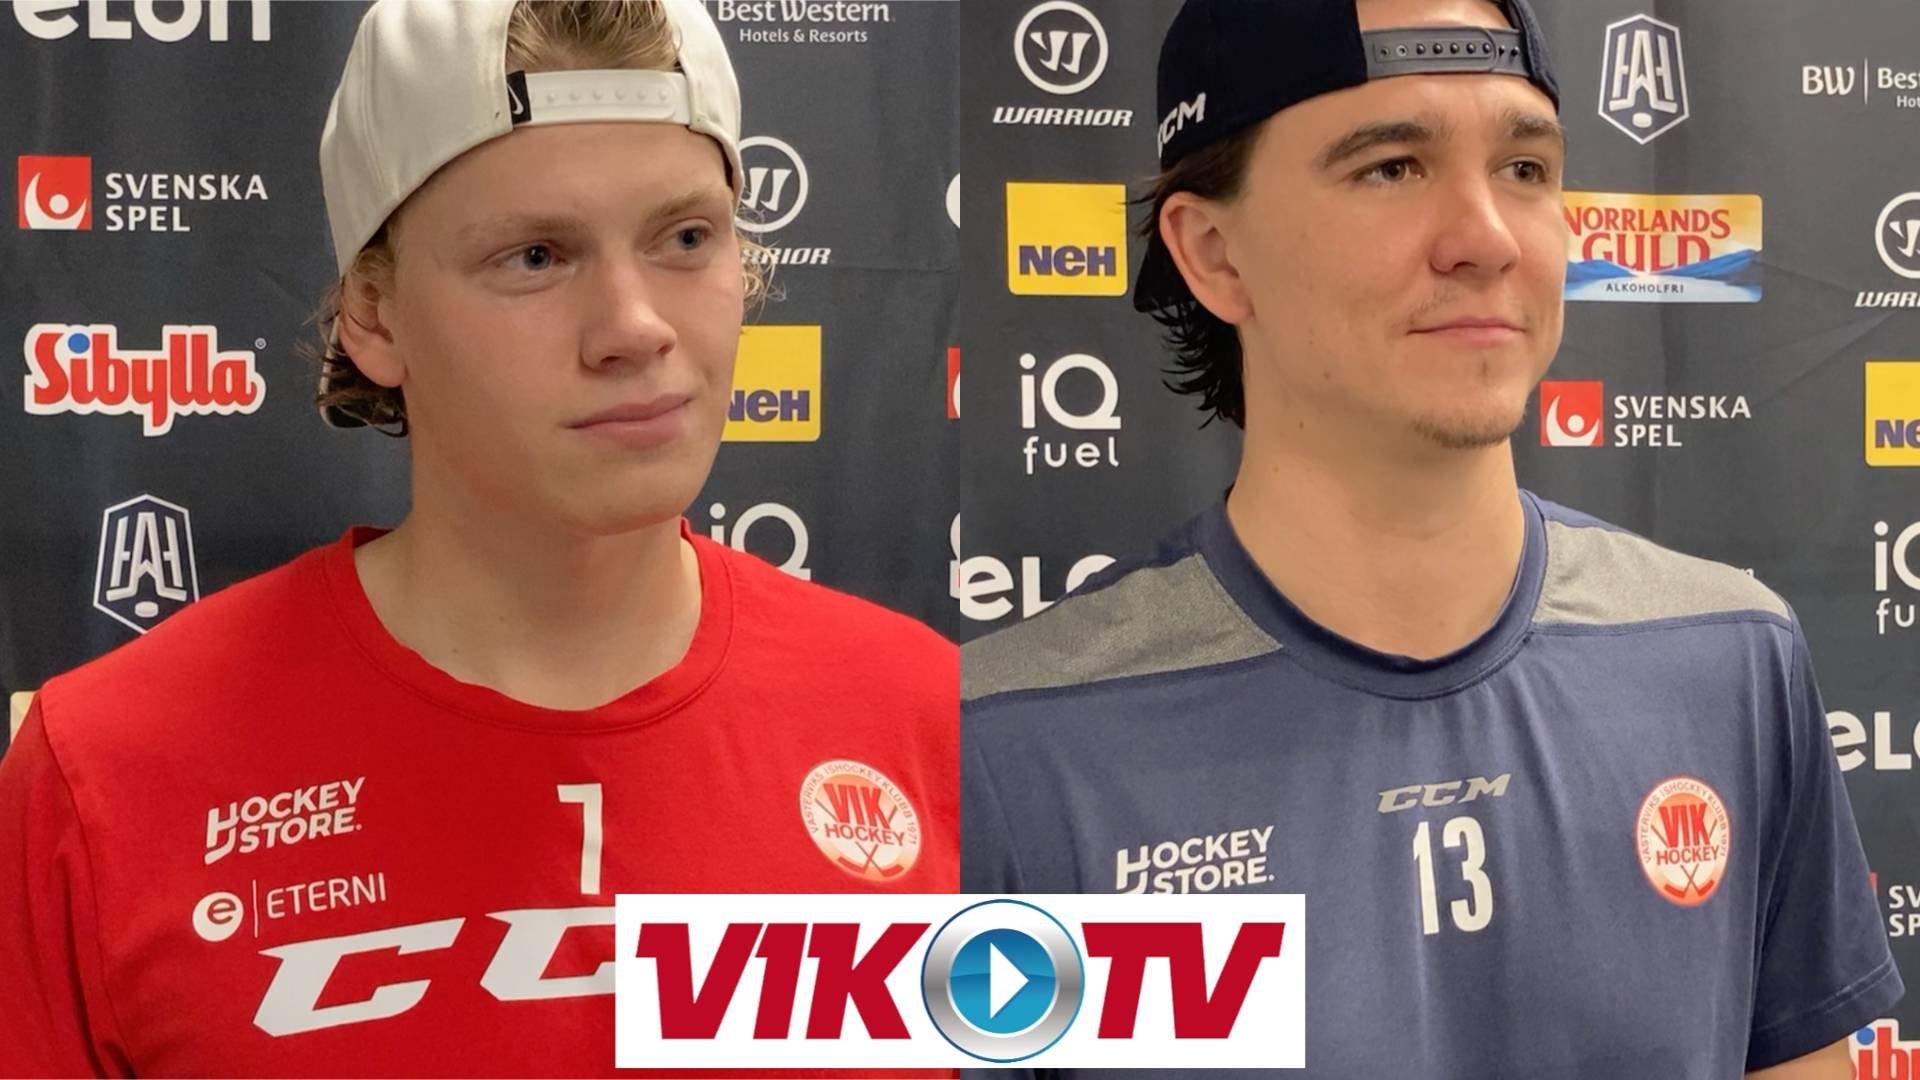 Intervju med Åhström och Supinski efter premiärsegern mot MoDo.